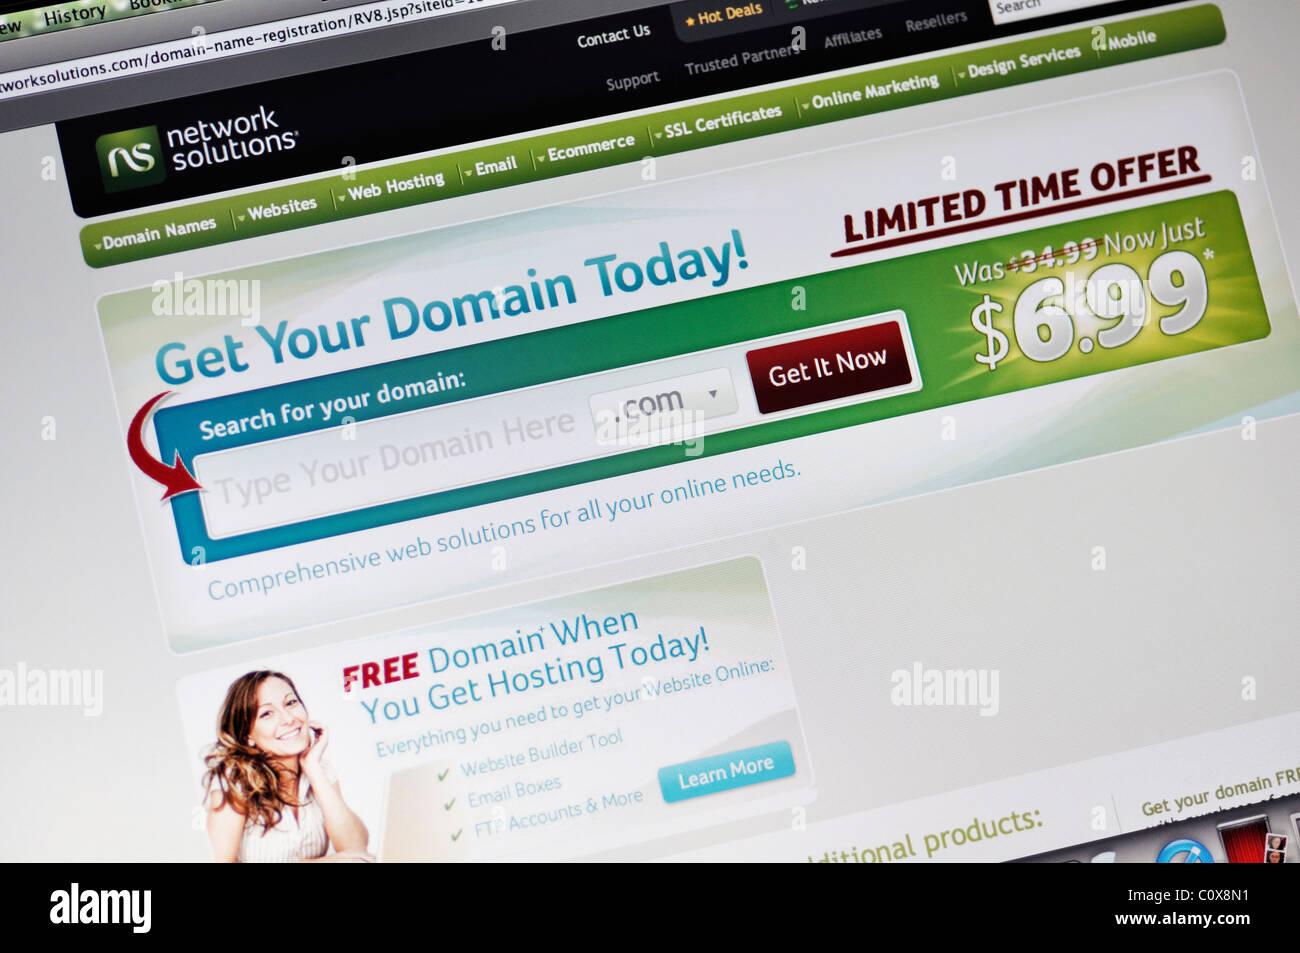 Solutions réseau site web - noms de domaine, hébergement web et marketing en ligne Photo Stock